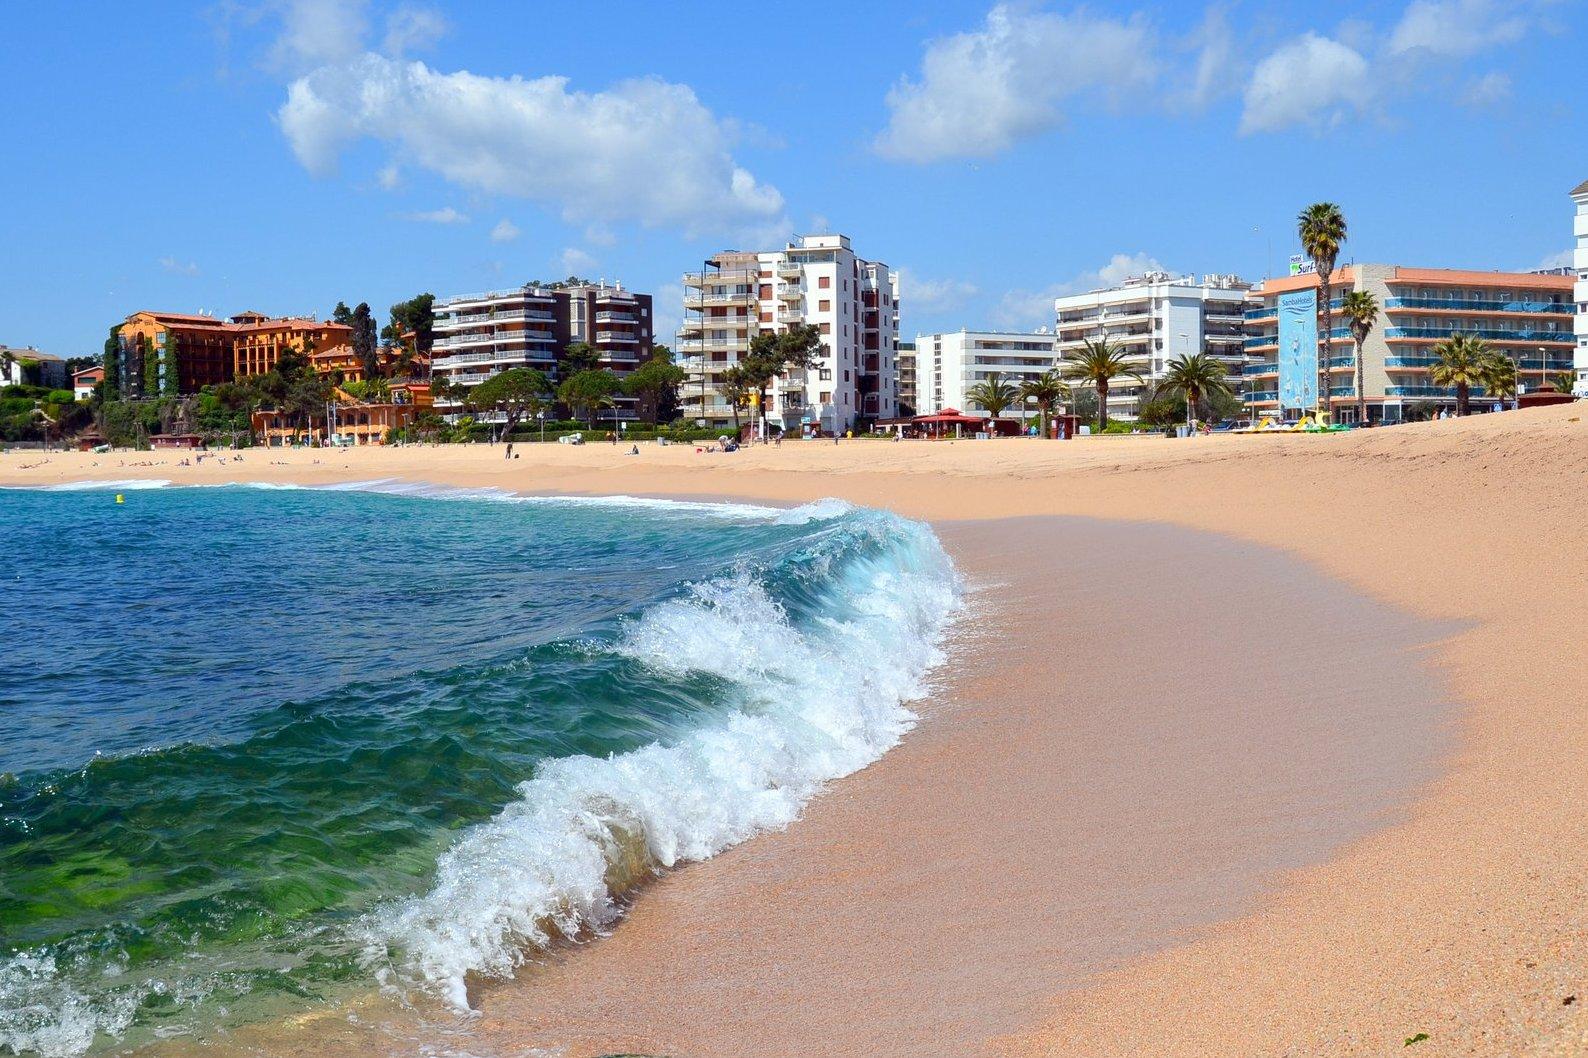 Пляж Феналс в Льорет-де-Маре, Коста-Брава. Отлично подходит для отдыха с детьми